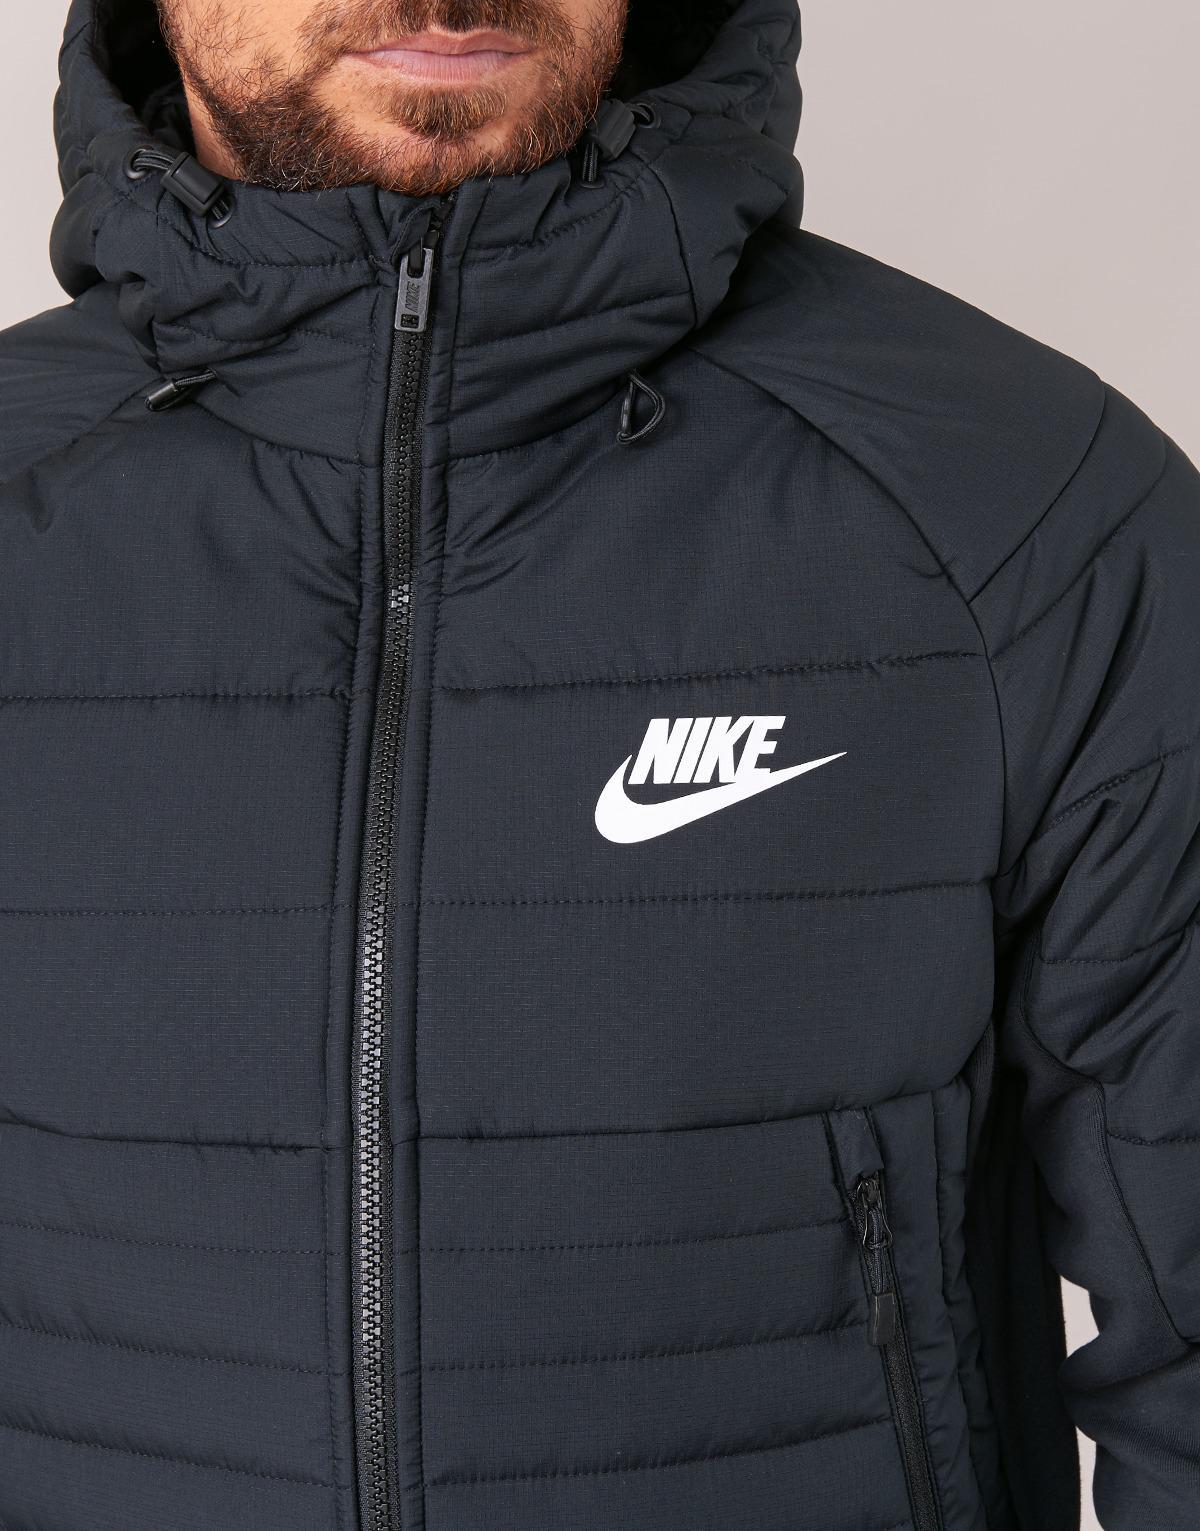 club conjunto oasis  nike av15 down fill jacket black > Clearance shop